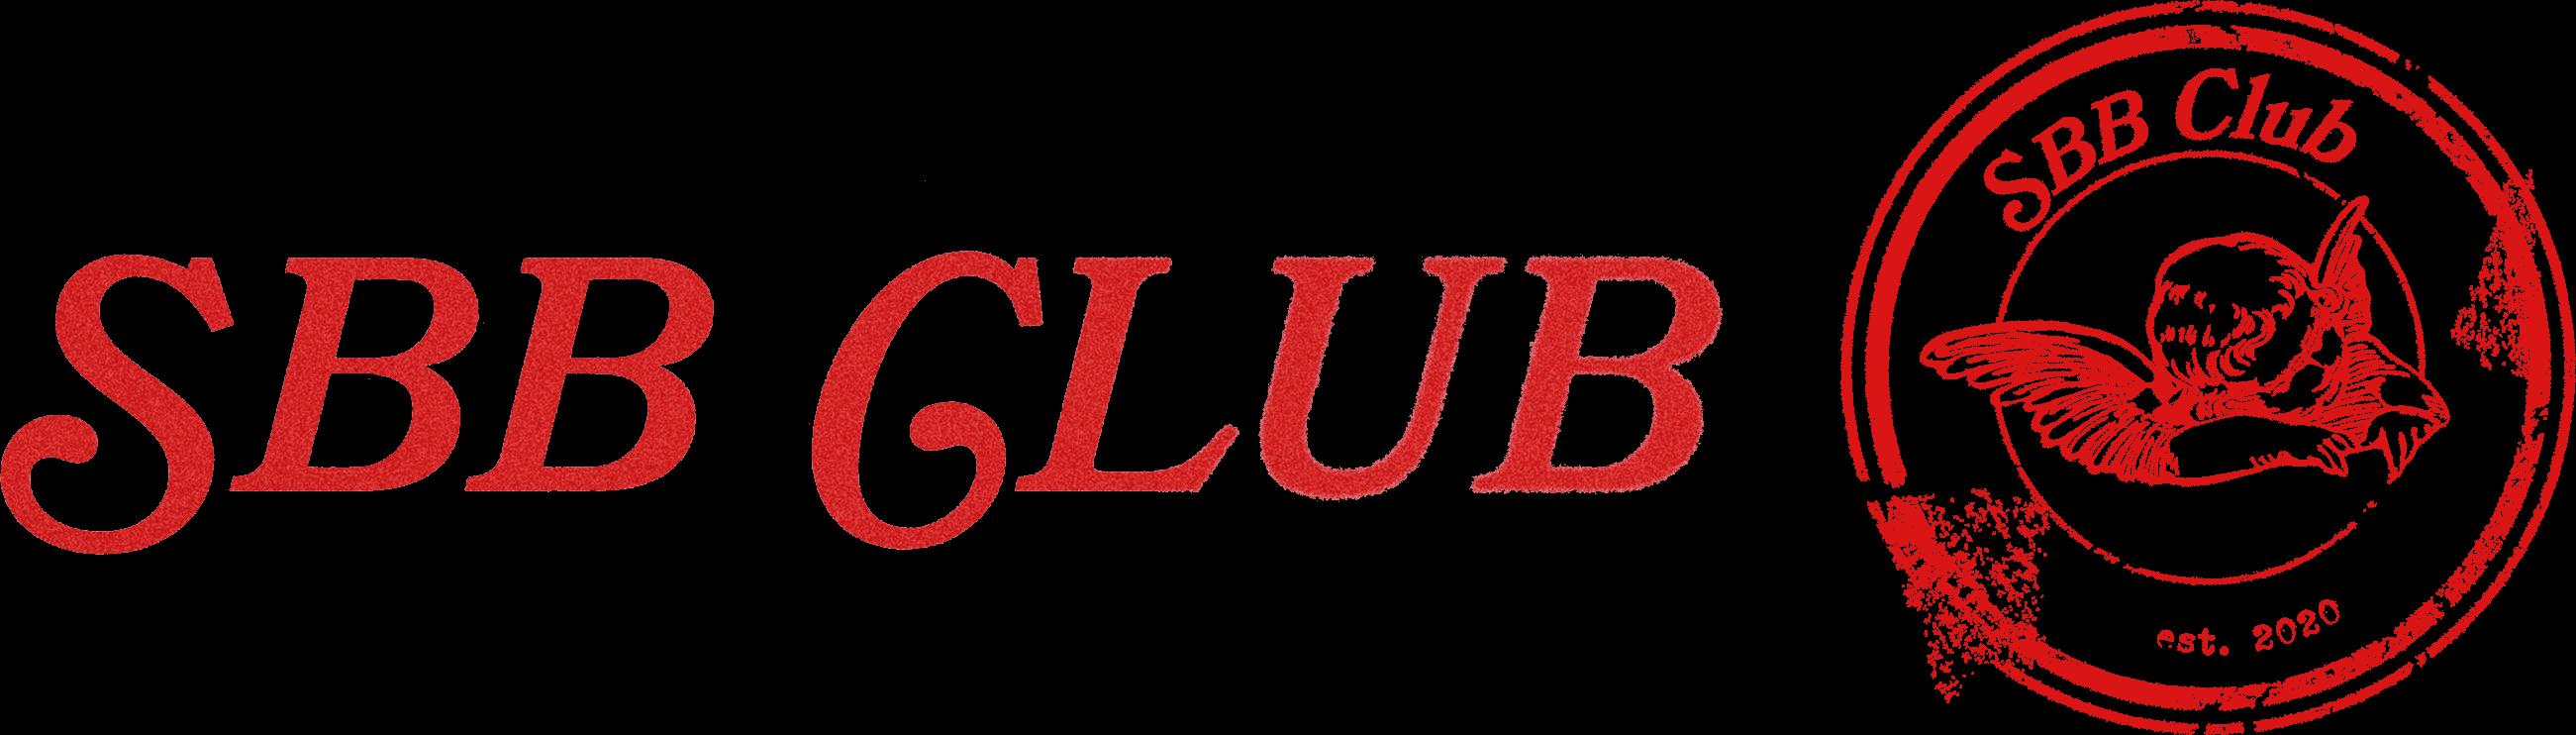 SSB Club